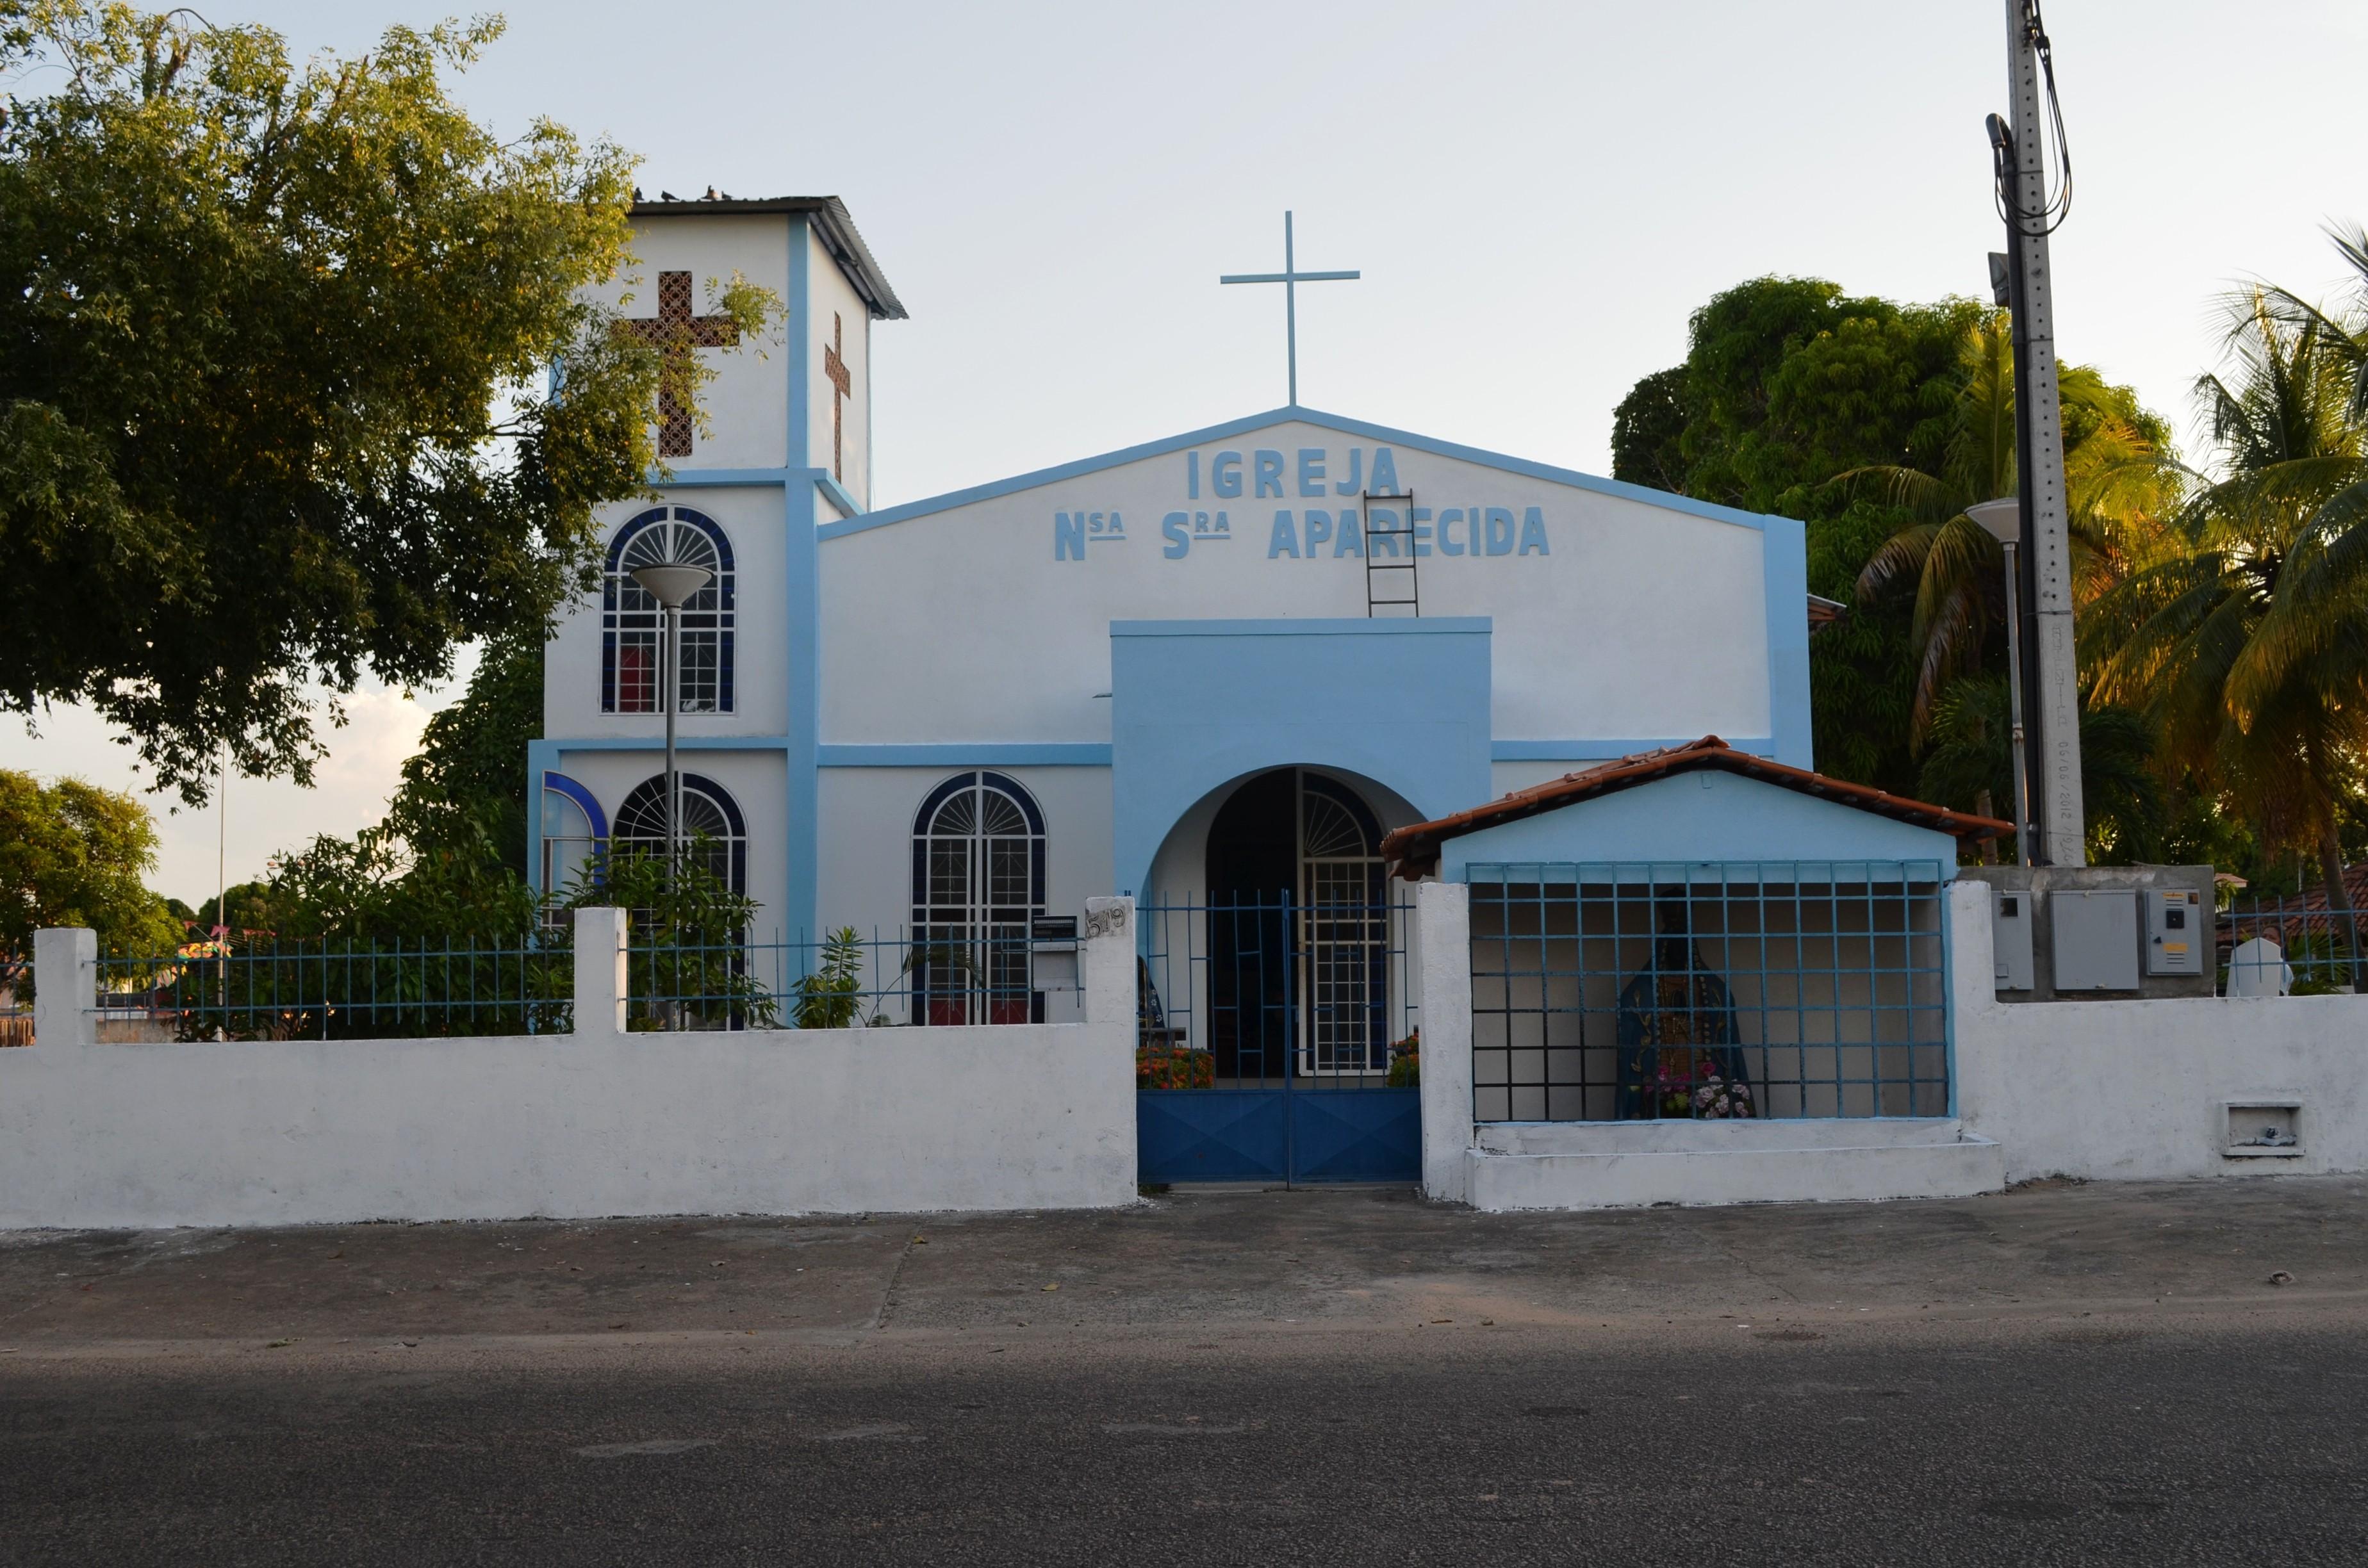 Festejo de Nossa Senhora Aparecida inicia com carreata em Boa Vista